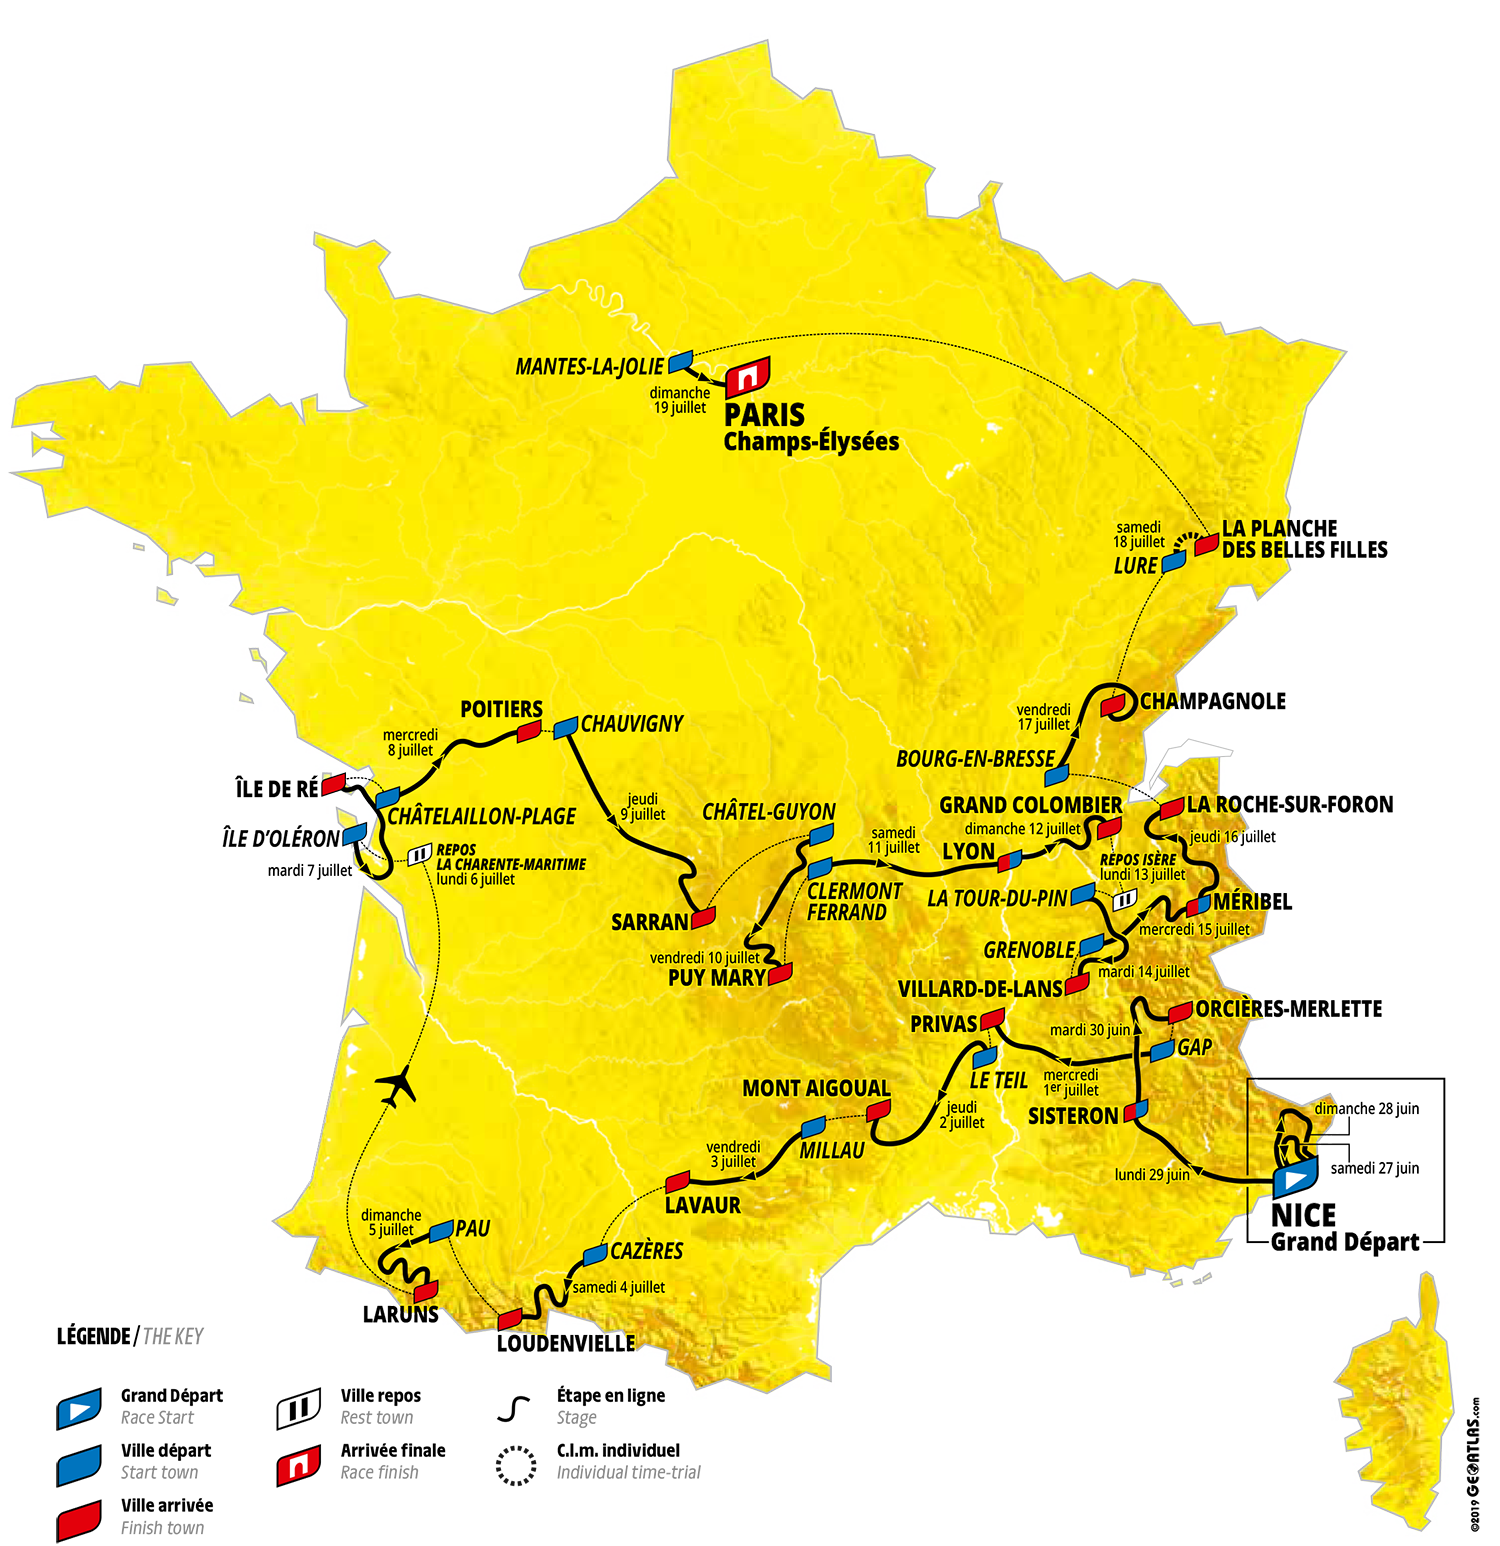 Tour de France Villard de Lans